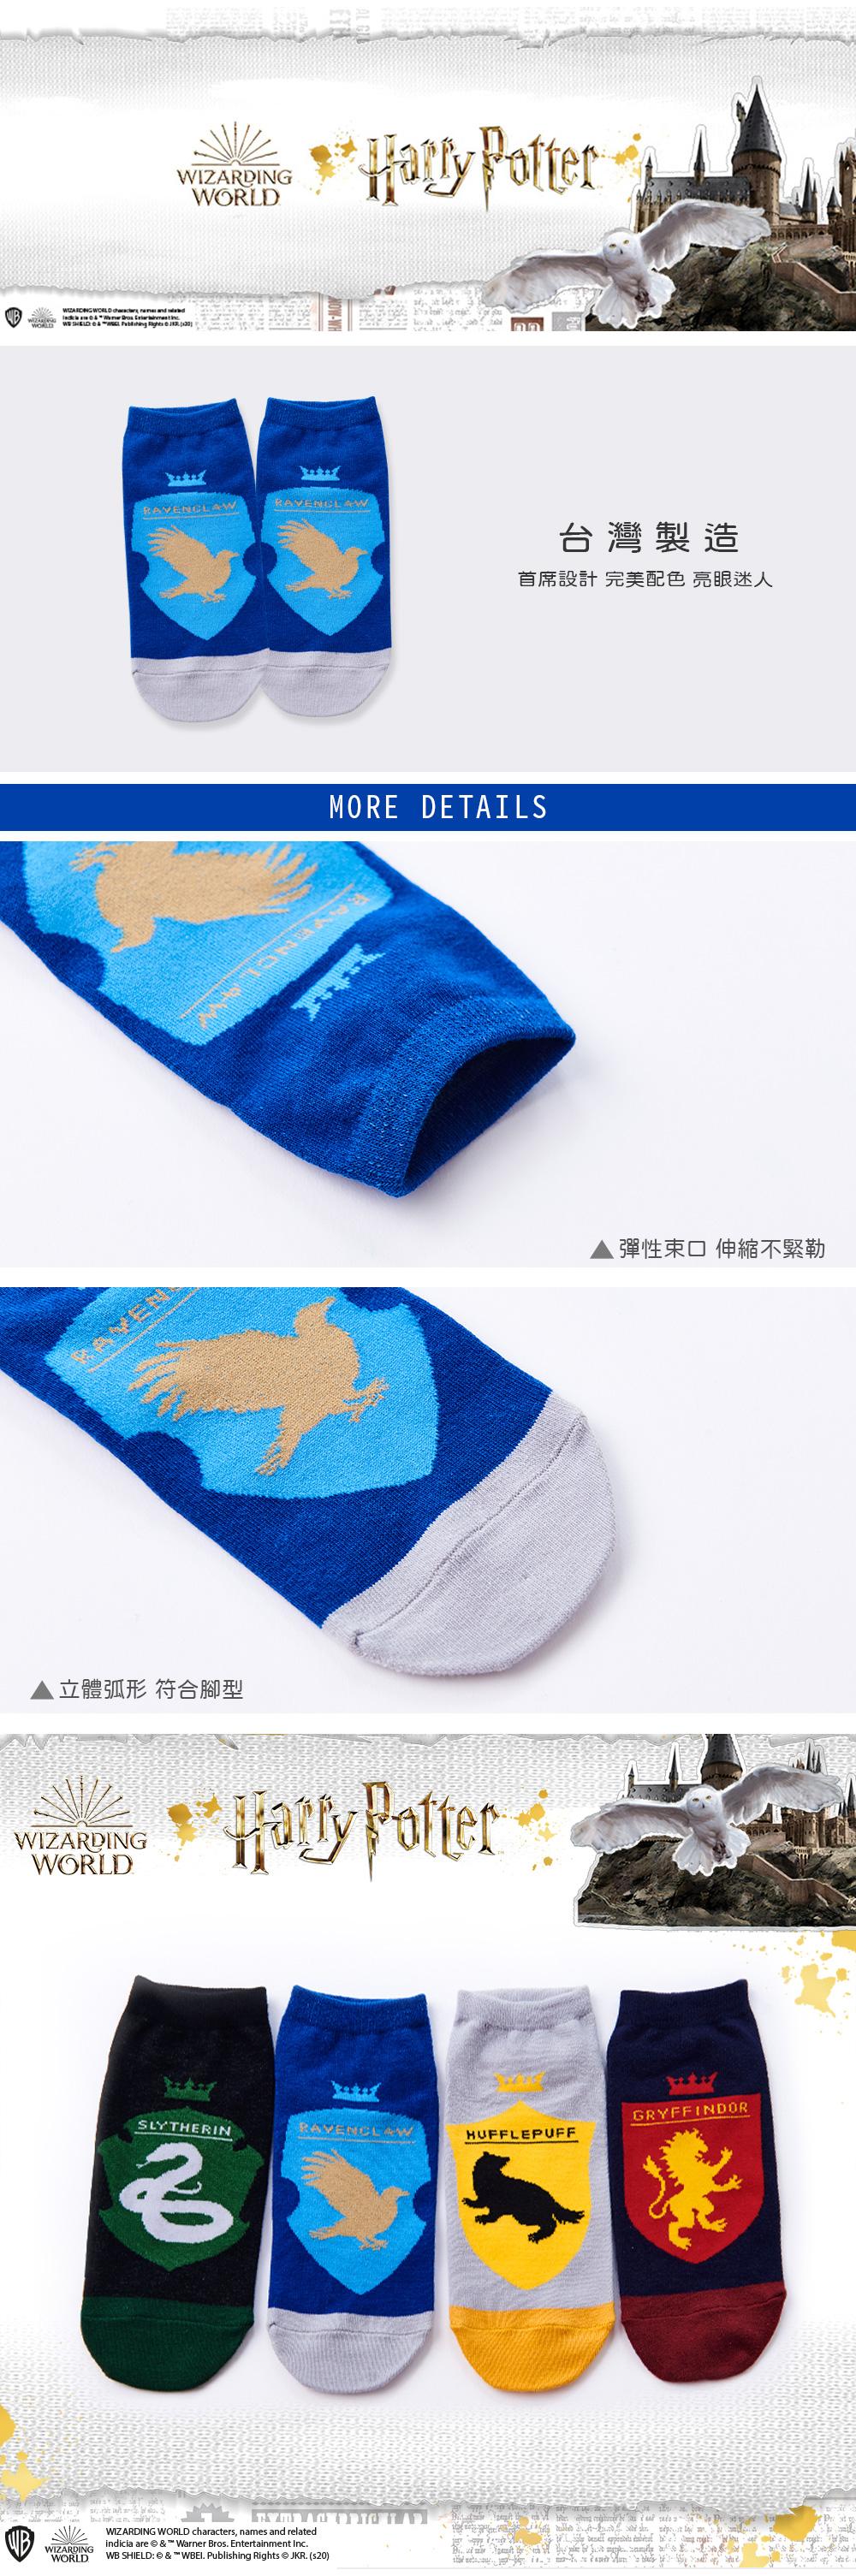 哈利波特直版襪-03